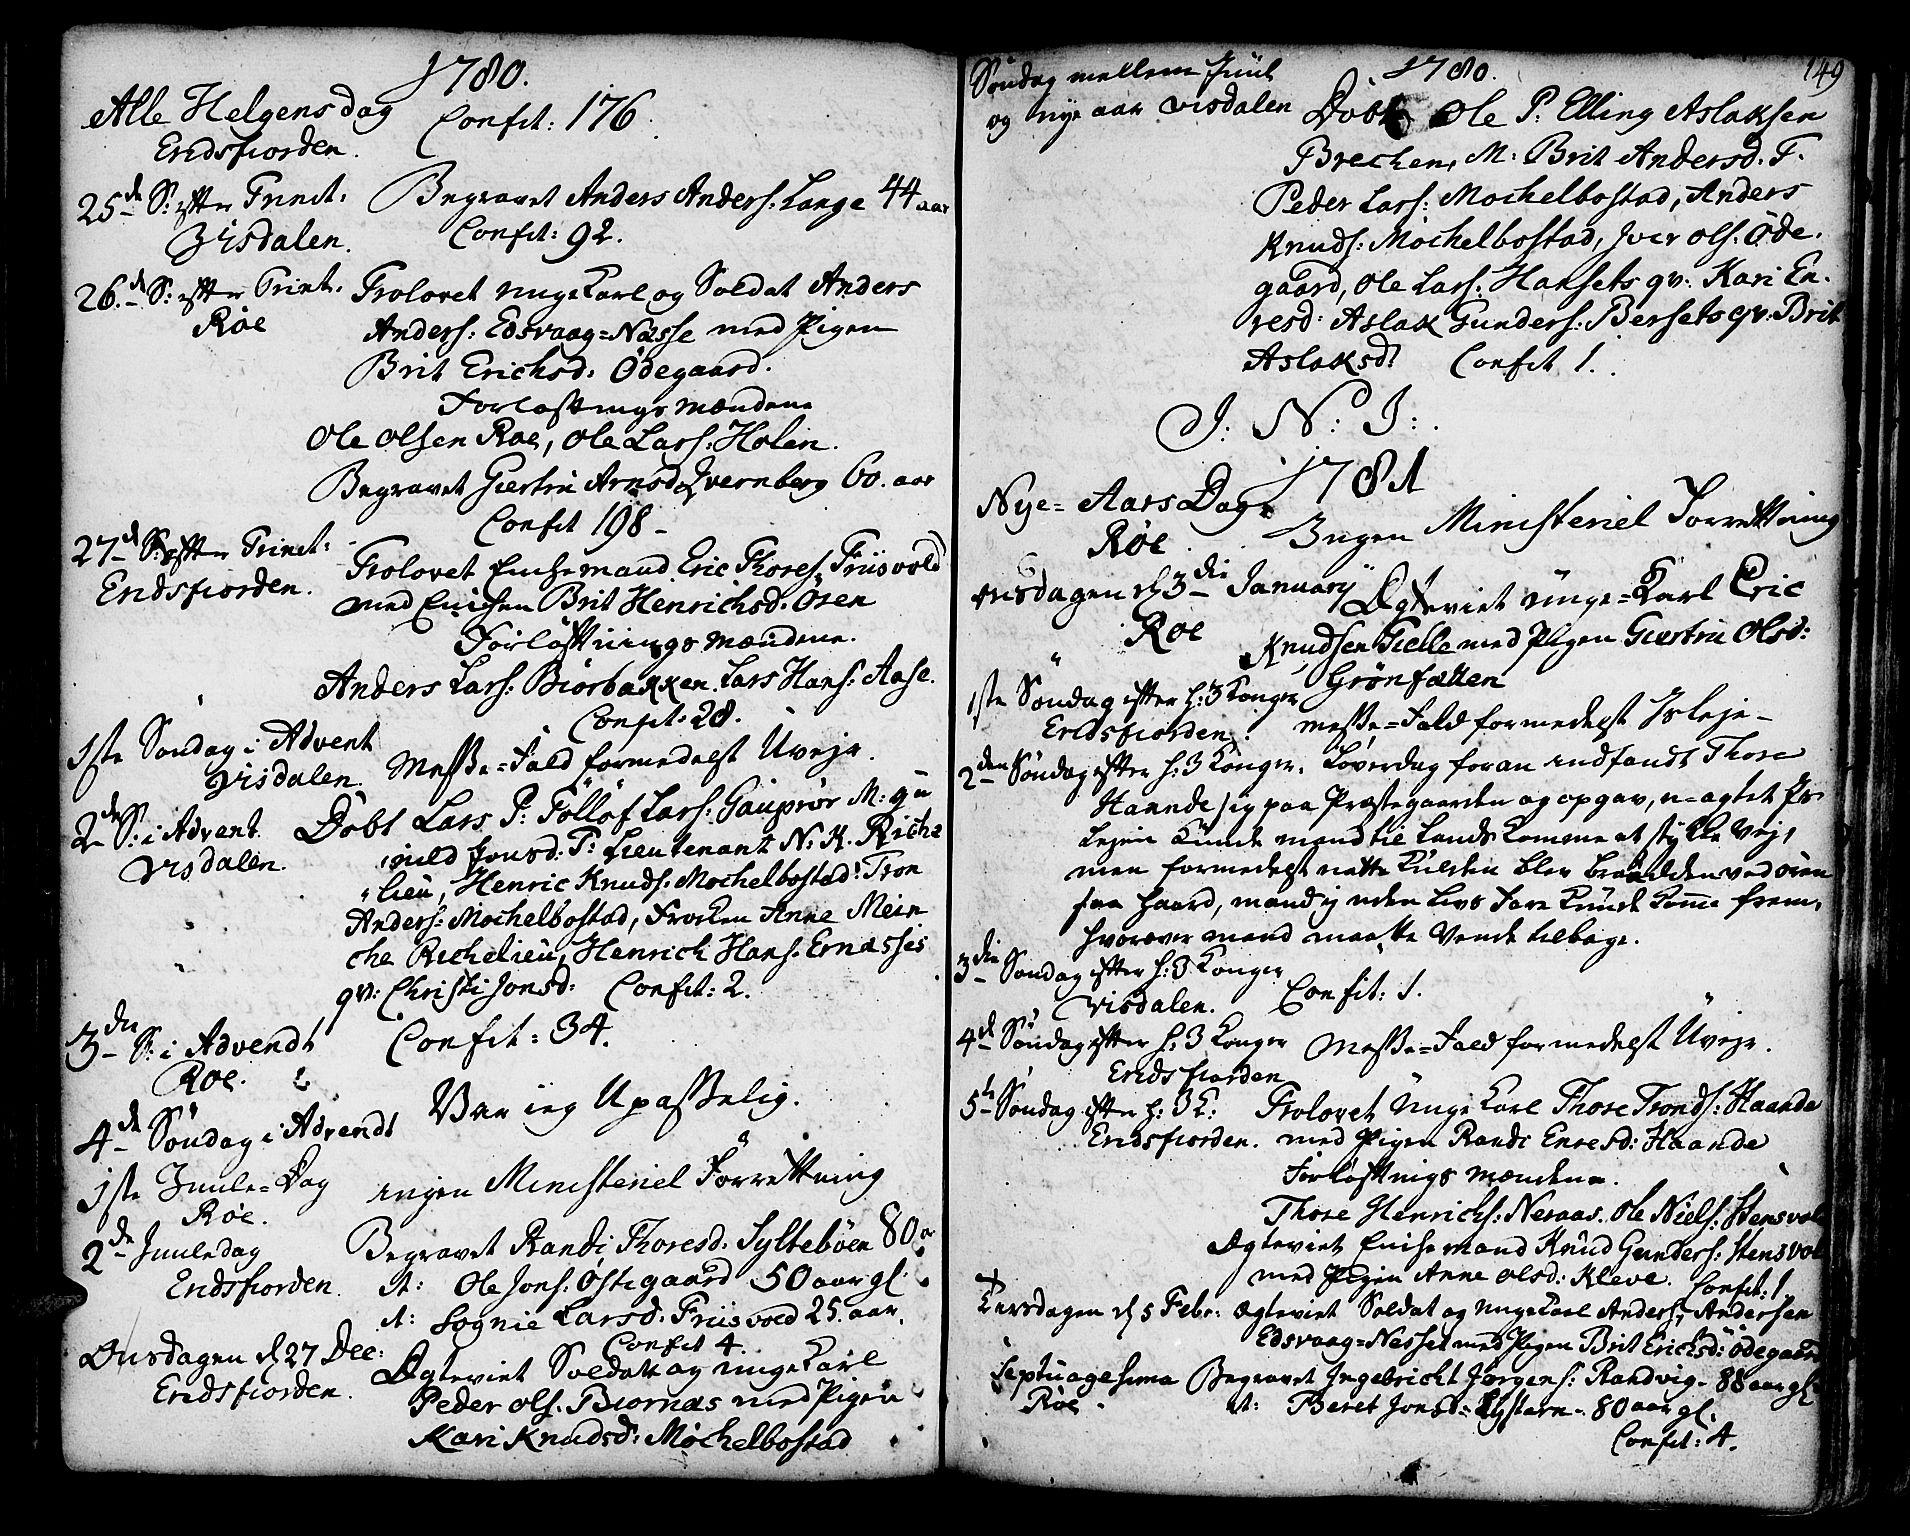 SAT, Ministerialprotokoller, klokkerbøker og fødselsregistre - Møre og Romsdal, 551/L0621: Ministerialbok nr. 551A01, 1757-1803, s. 149